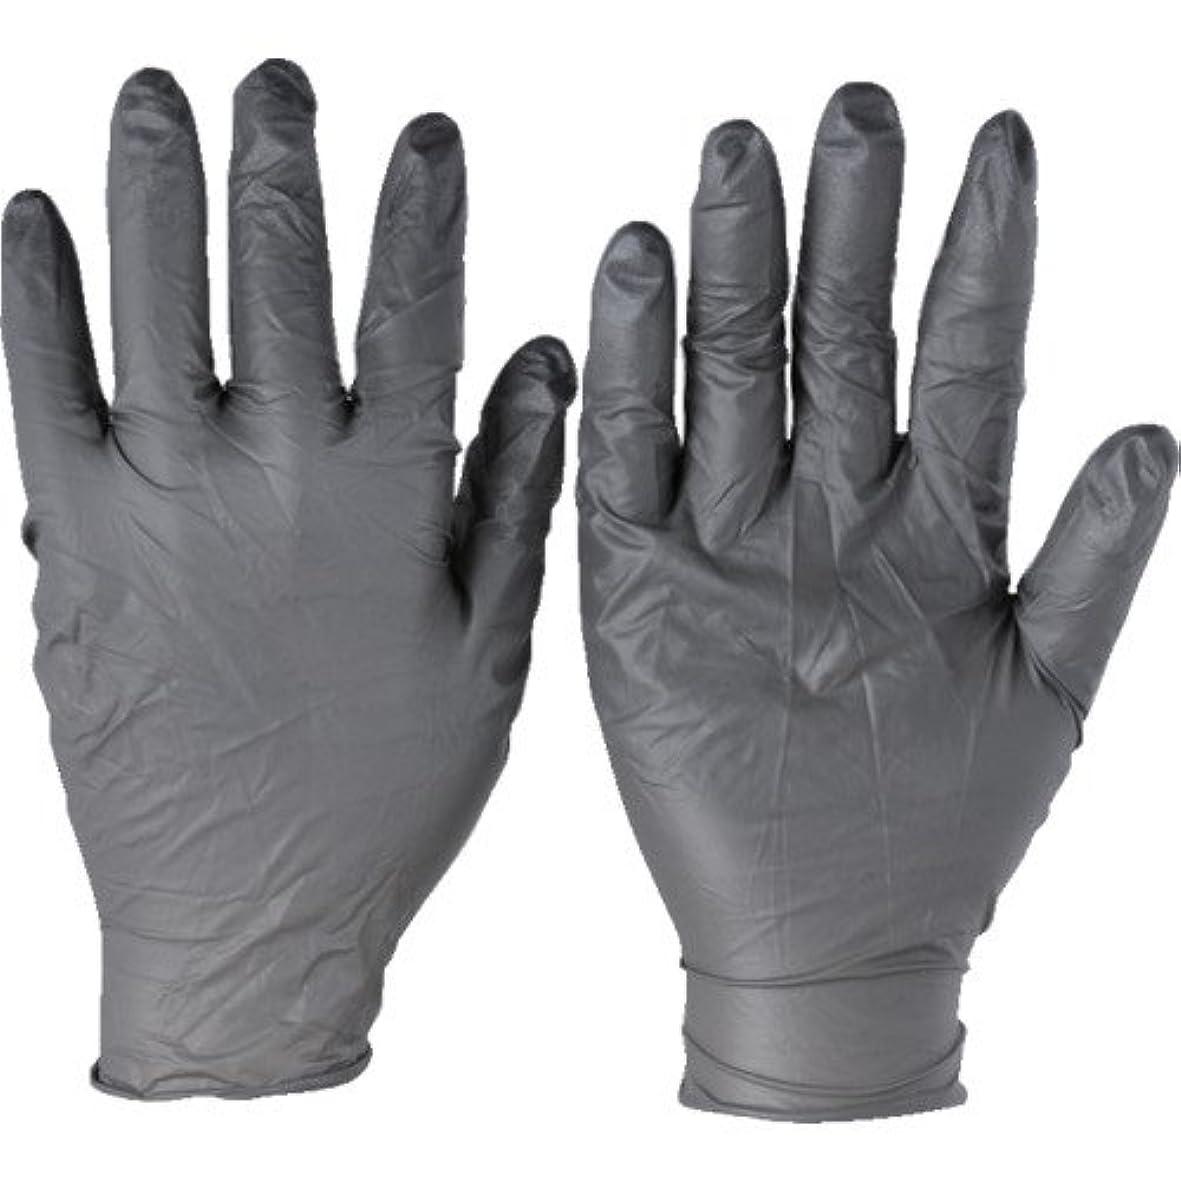 祝福チップ米国トラスコ中山 アンセル ニトリルゴム使い捨て手袋 タッチエヌタフ 粉無 Lサイズ 100枚入 932509